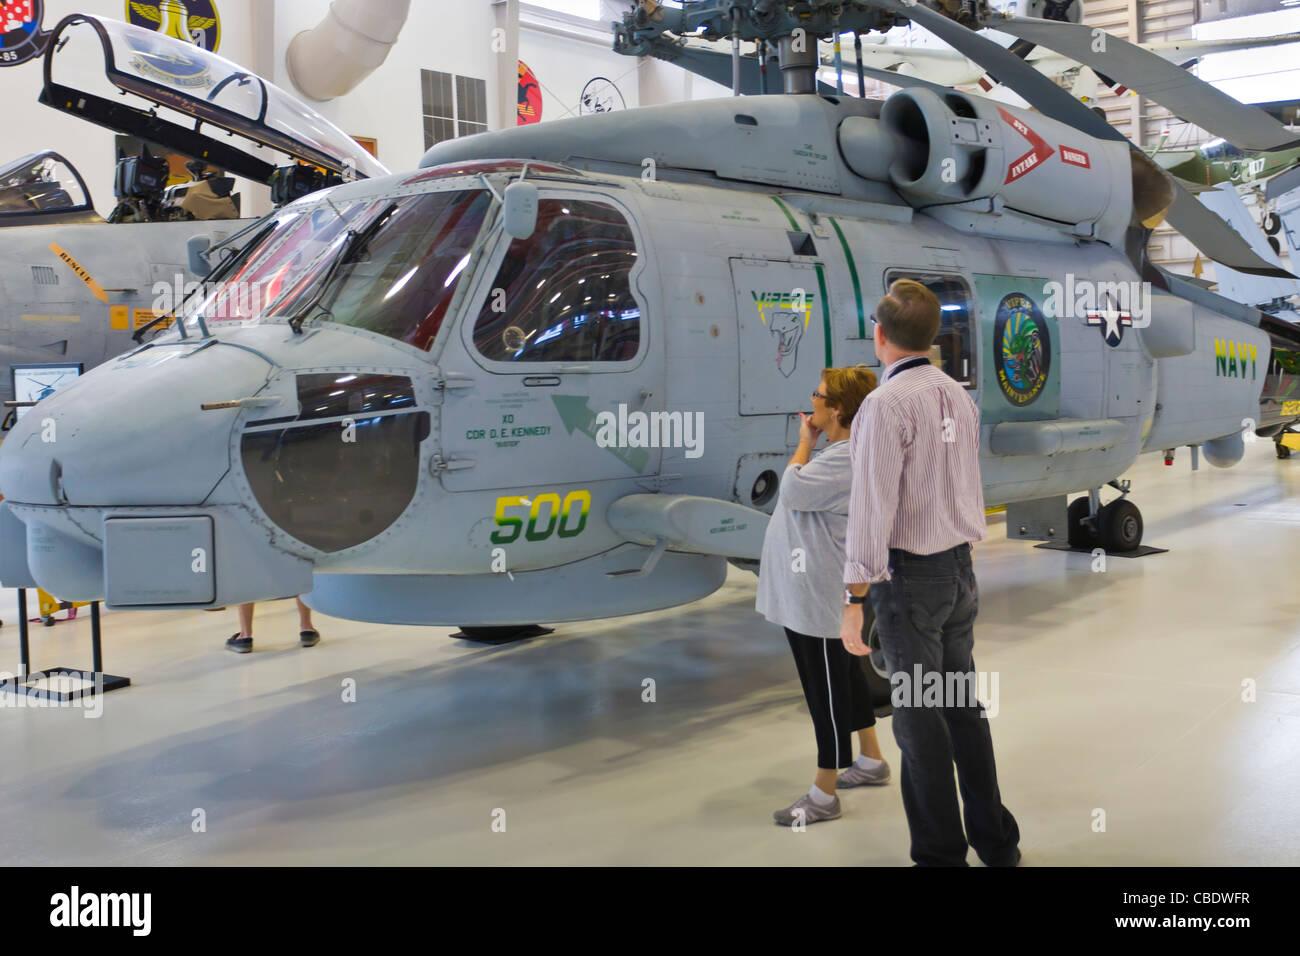 Musée de l'aviation de la Marine nationale dans la région de Pensacola en Floride Photo Stock